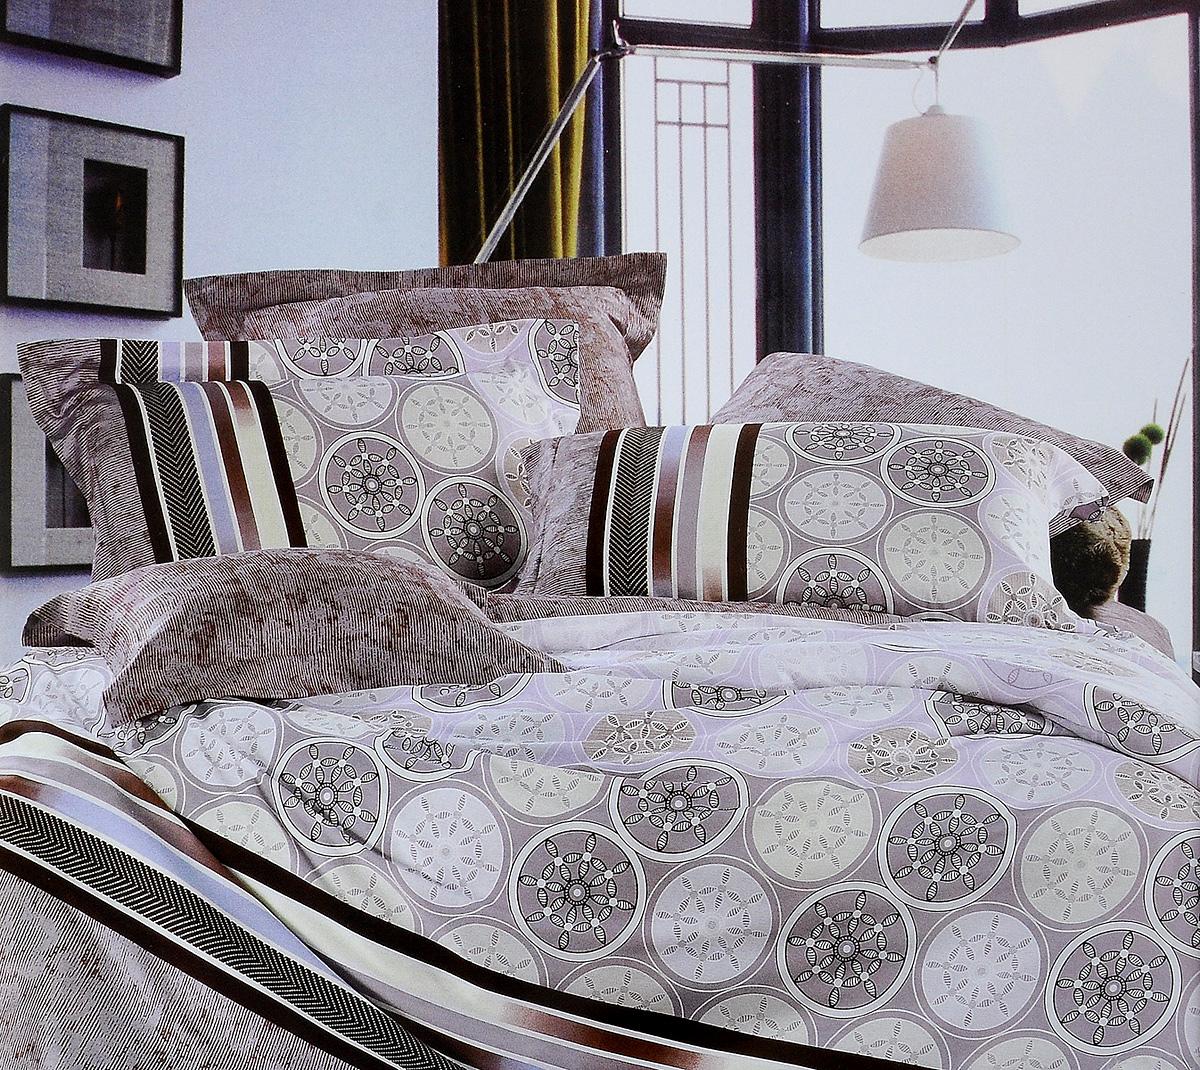 Комплект белья Tiffanys Secret Монако, евро, наволочки 70х70, цвет: кофейный204111212Комплект белья Tiffanys Secret Монако, выполненный из сатина (100% хлопка), состоит из пододеяльника, простыни и двух наволочек. Сатин производится из высших сортов хлопка, а своим блеском, легкостью и на ощупь напоминает шелк. Такая ткань рассчитана на 200 стирок и более. Постельное белье из сатина превращает жаркие летние ночи в прохладные и освежающие, а холодные зимние - в теплые и согревающие. Благодаря натуральному хлопку, комплект постельного белья из сатина приобретает способность пропускать воздух, давая возможность телу дышать. Одно из преимуществ материала в том, что он практически не мнется и ваша спальня всегда будет аккуратной и нарядной.. Приобретая комплект постельного белья Tiffanys Secret Монако, вы можете быть уверенны в том, что покупка доставит вам и вашим близким удовольствие и подарит максимальный комфорт.